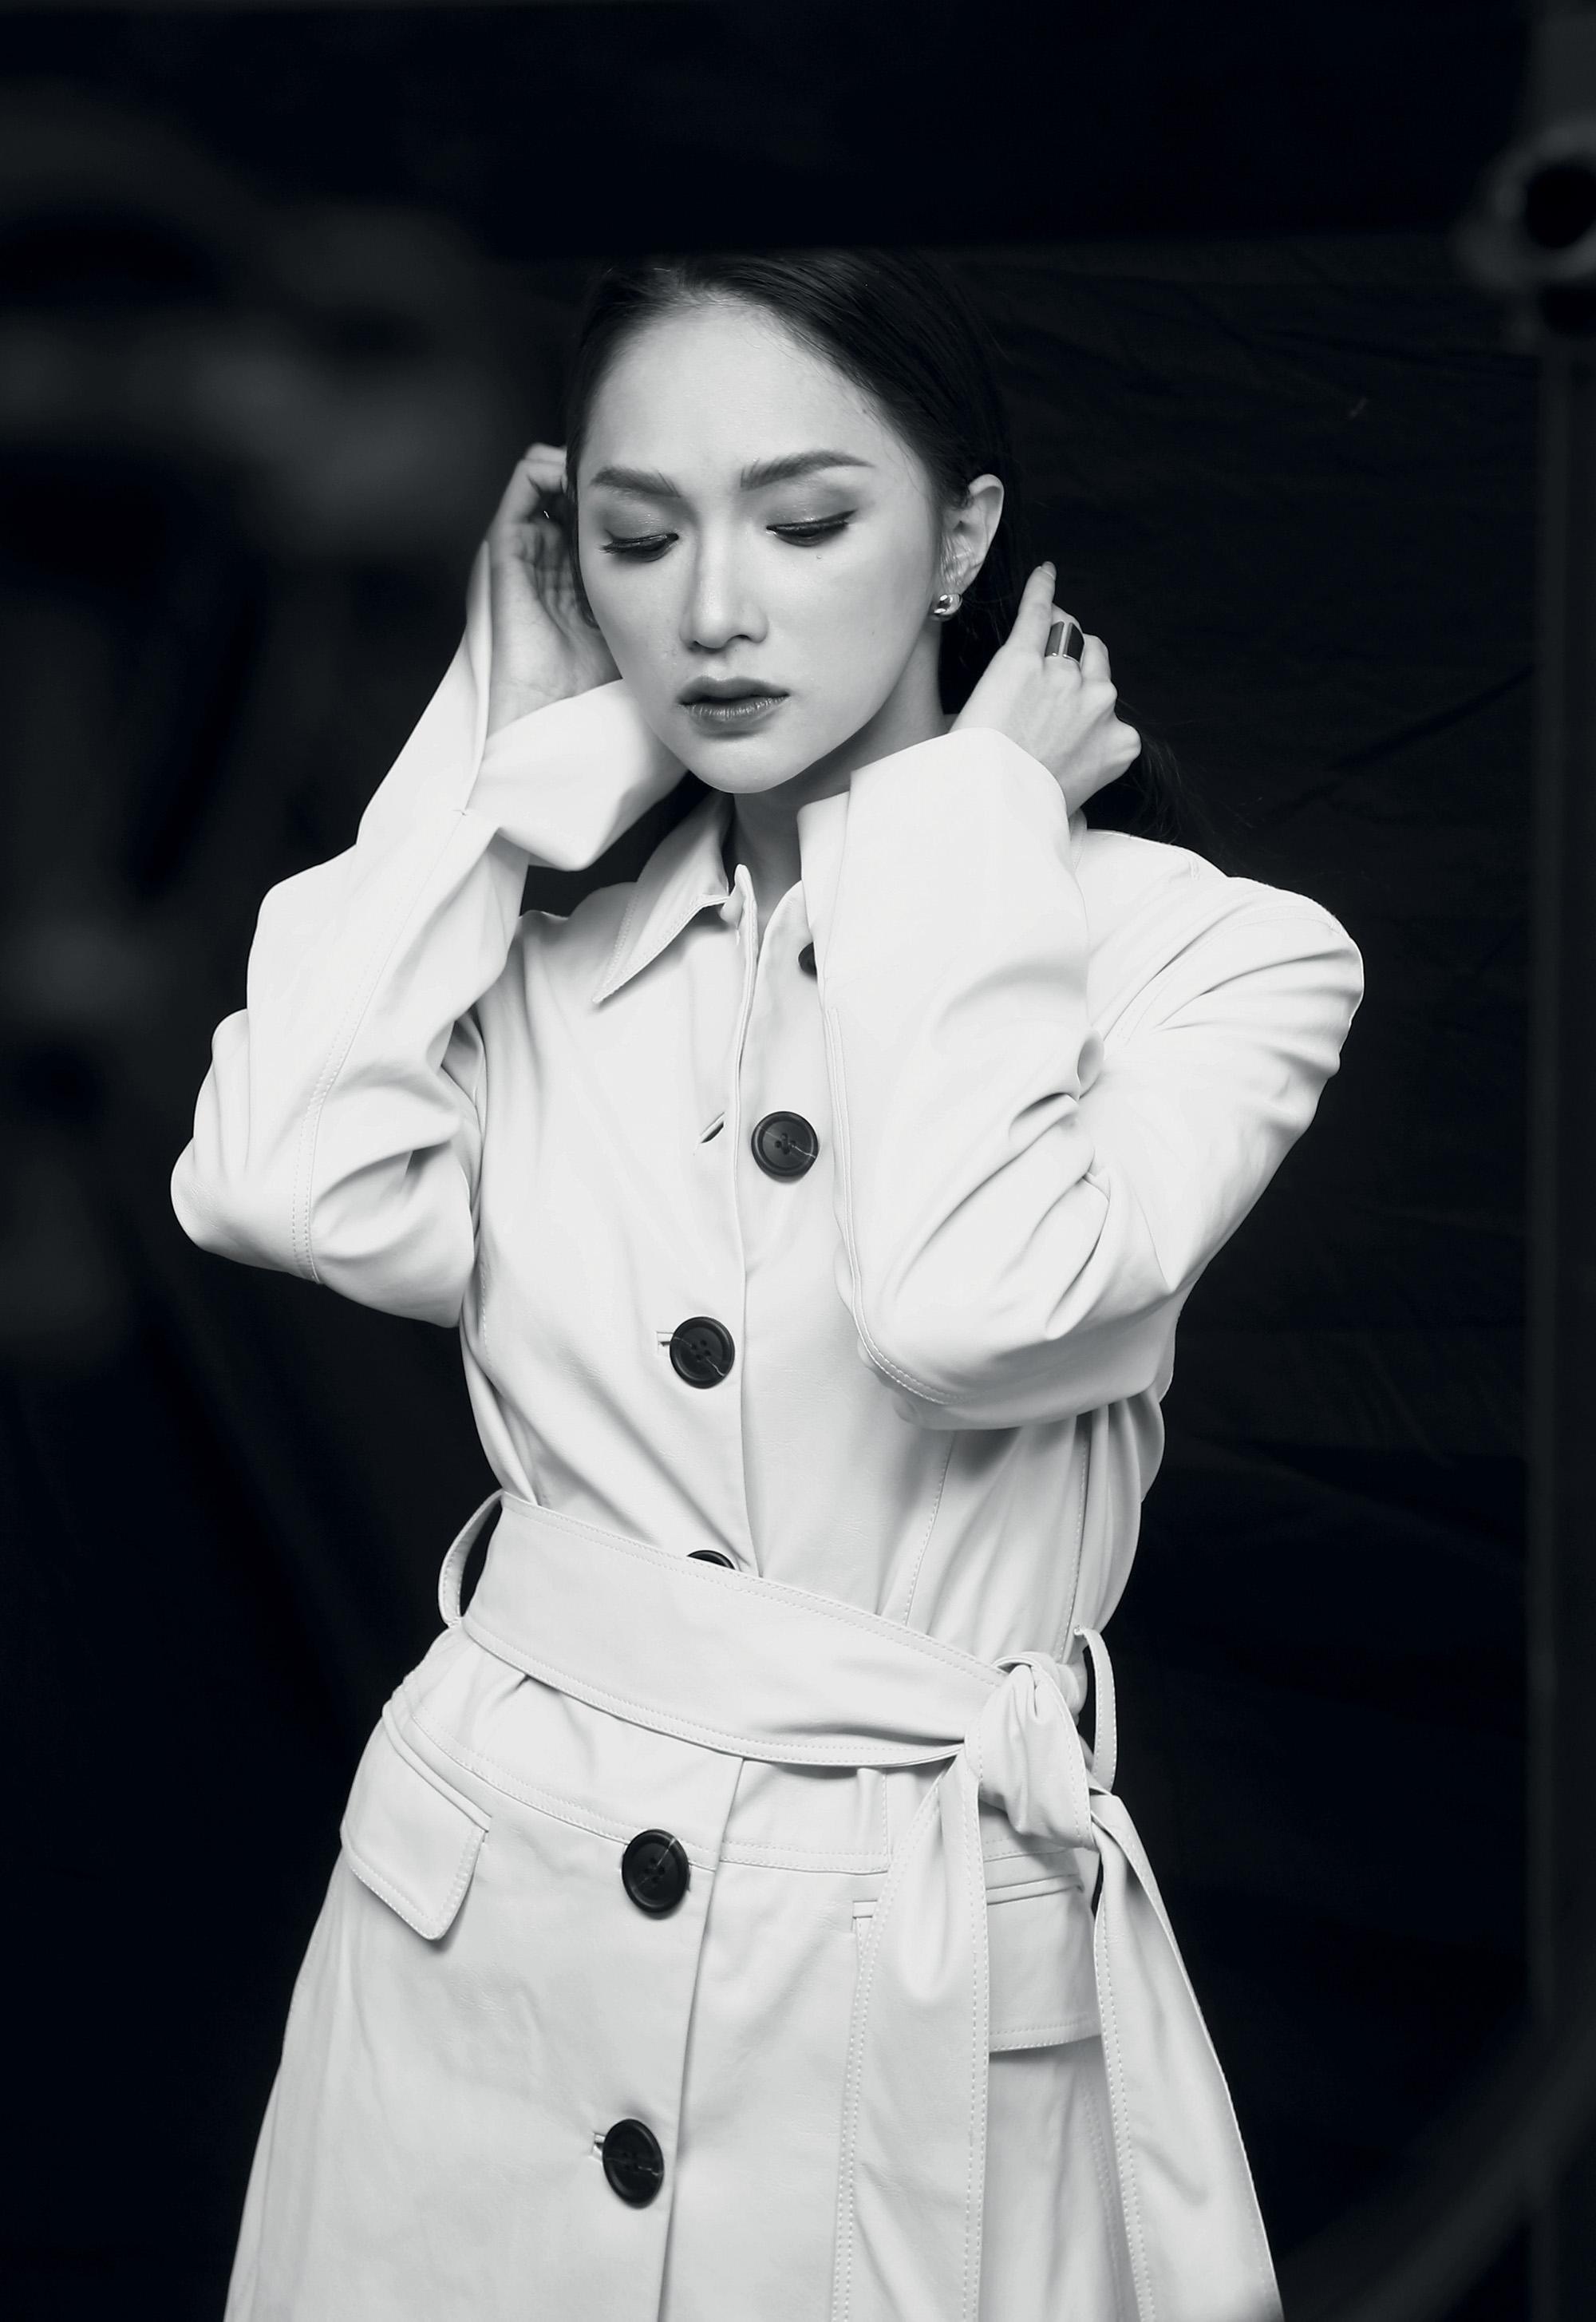 phụ nữ Hương Giang mặc đầm trắng